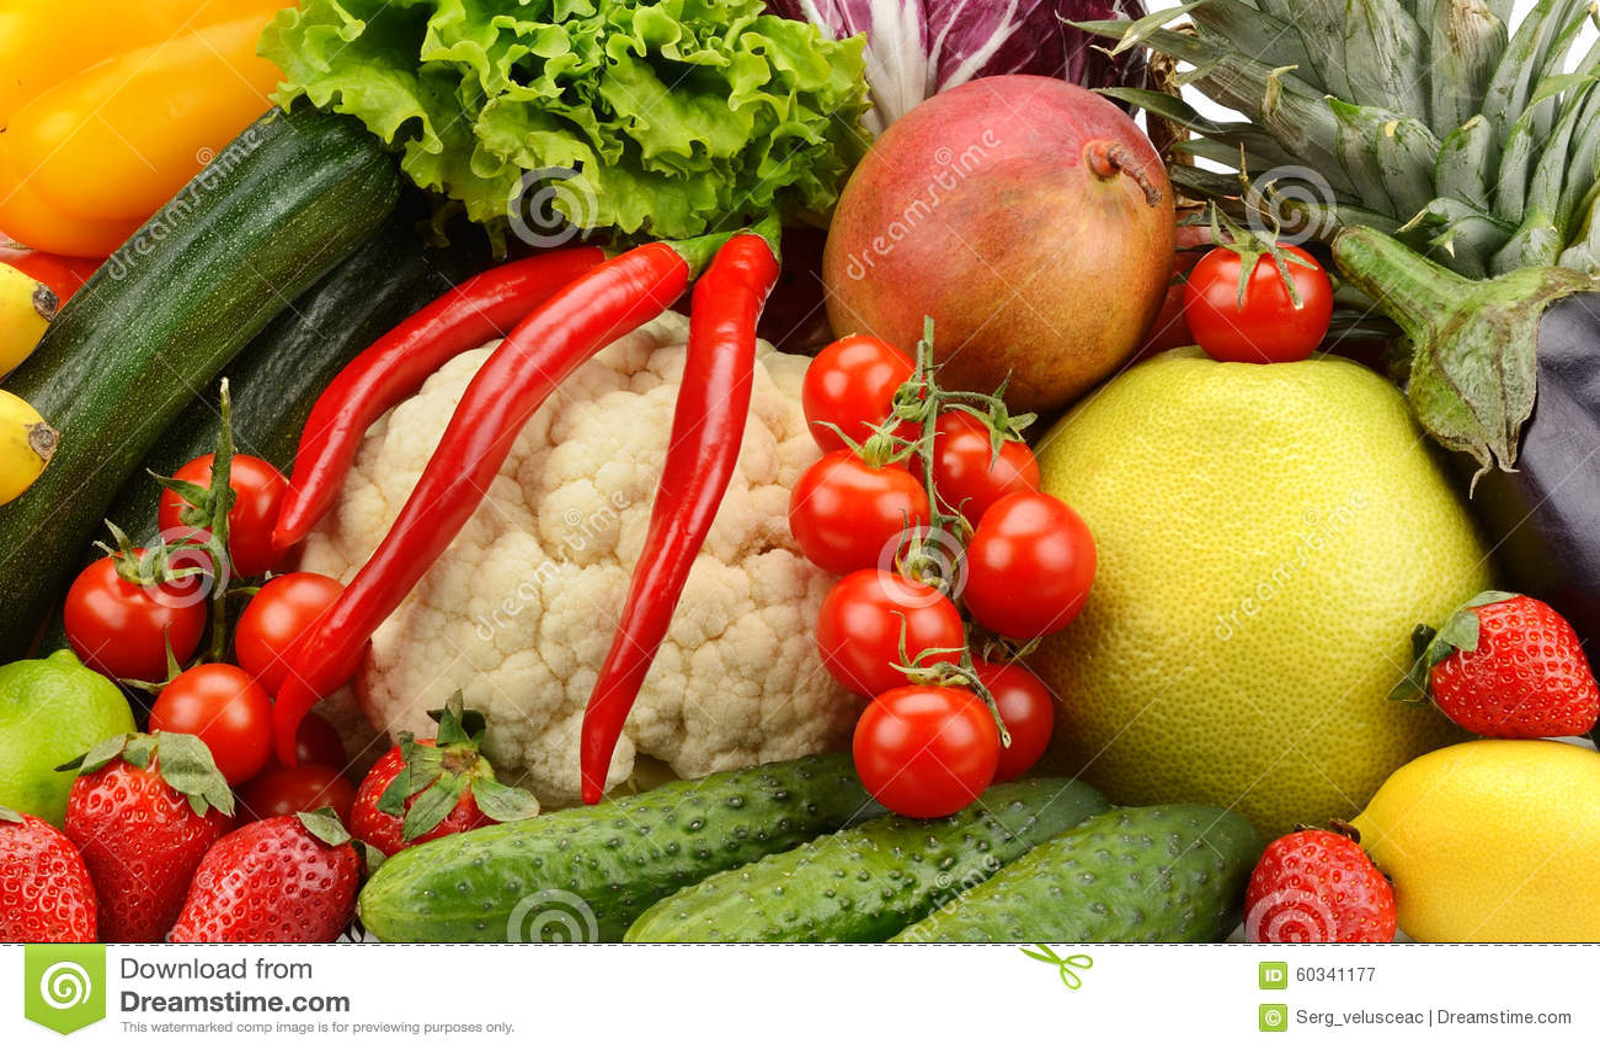 分类新鲜的水果和蔬菜.